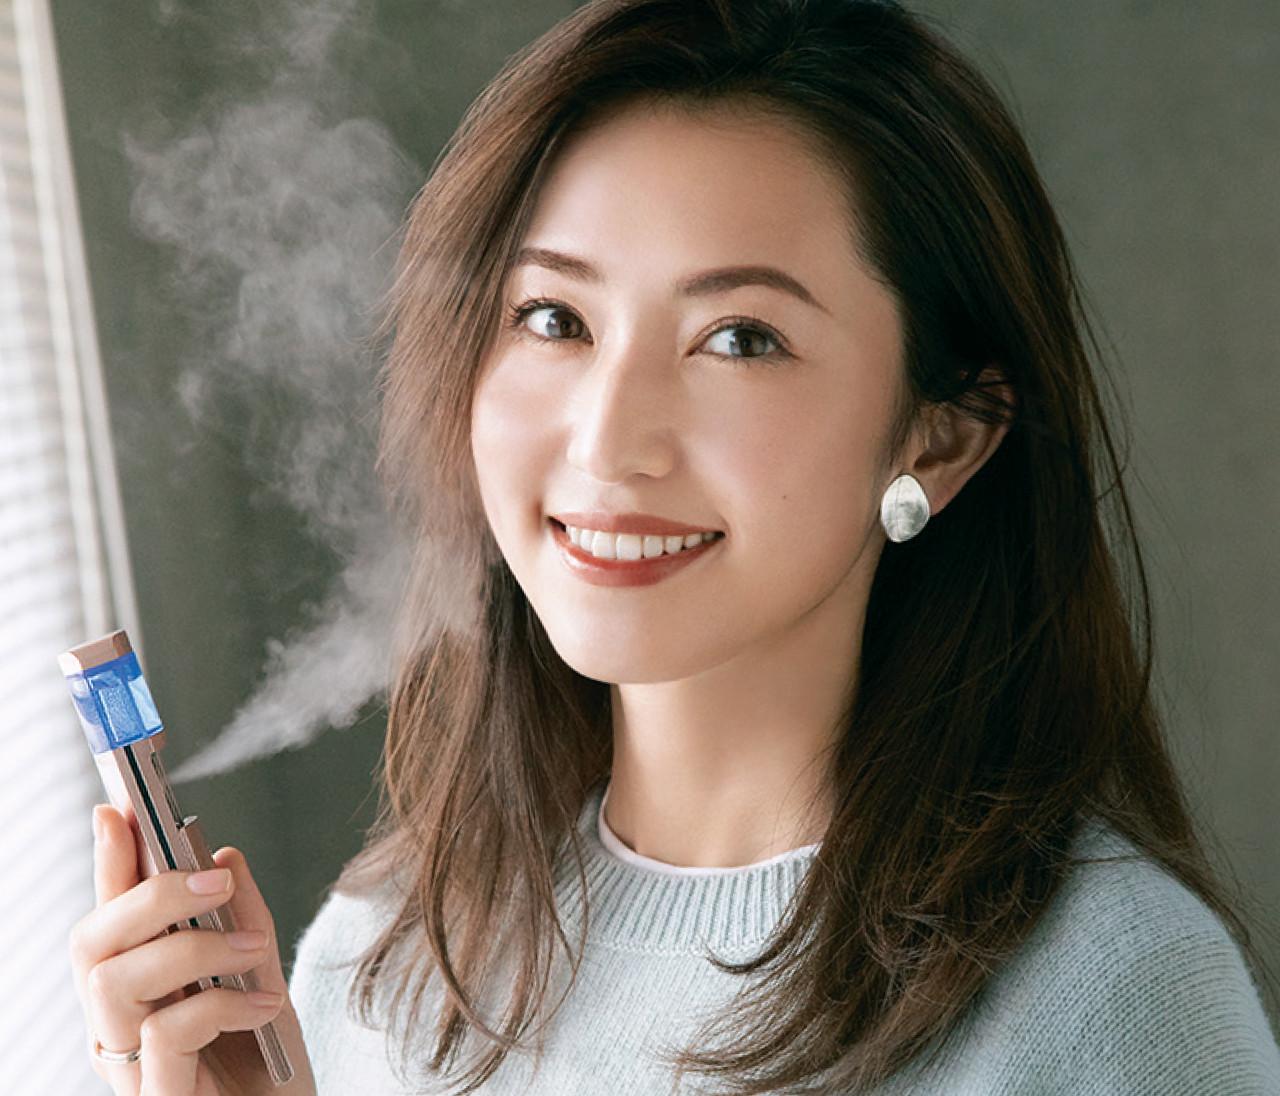 30代におすすめの置き型スチーマー5選!【美容研究家 有村実樹さんのスチーム美容】